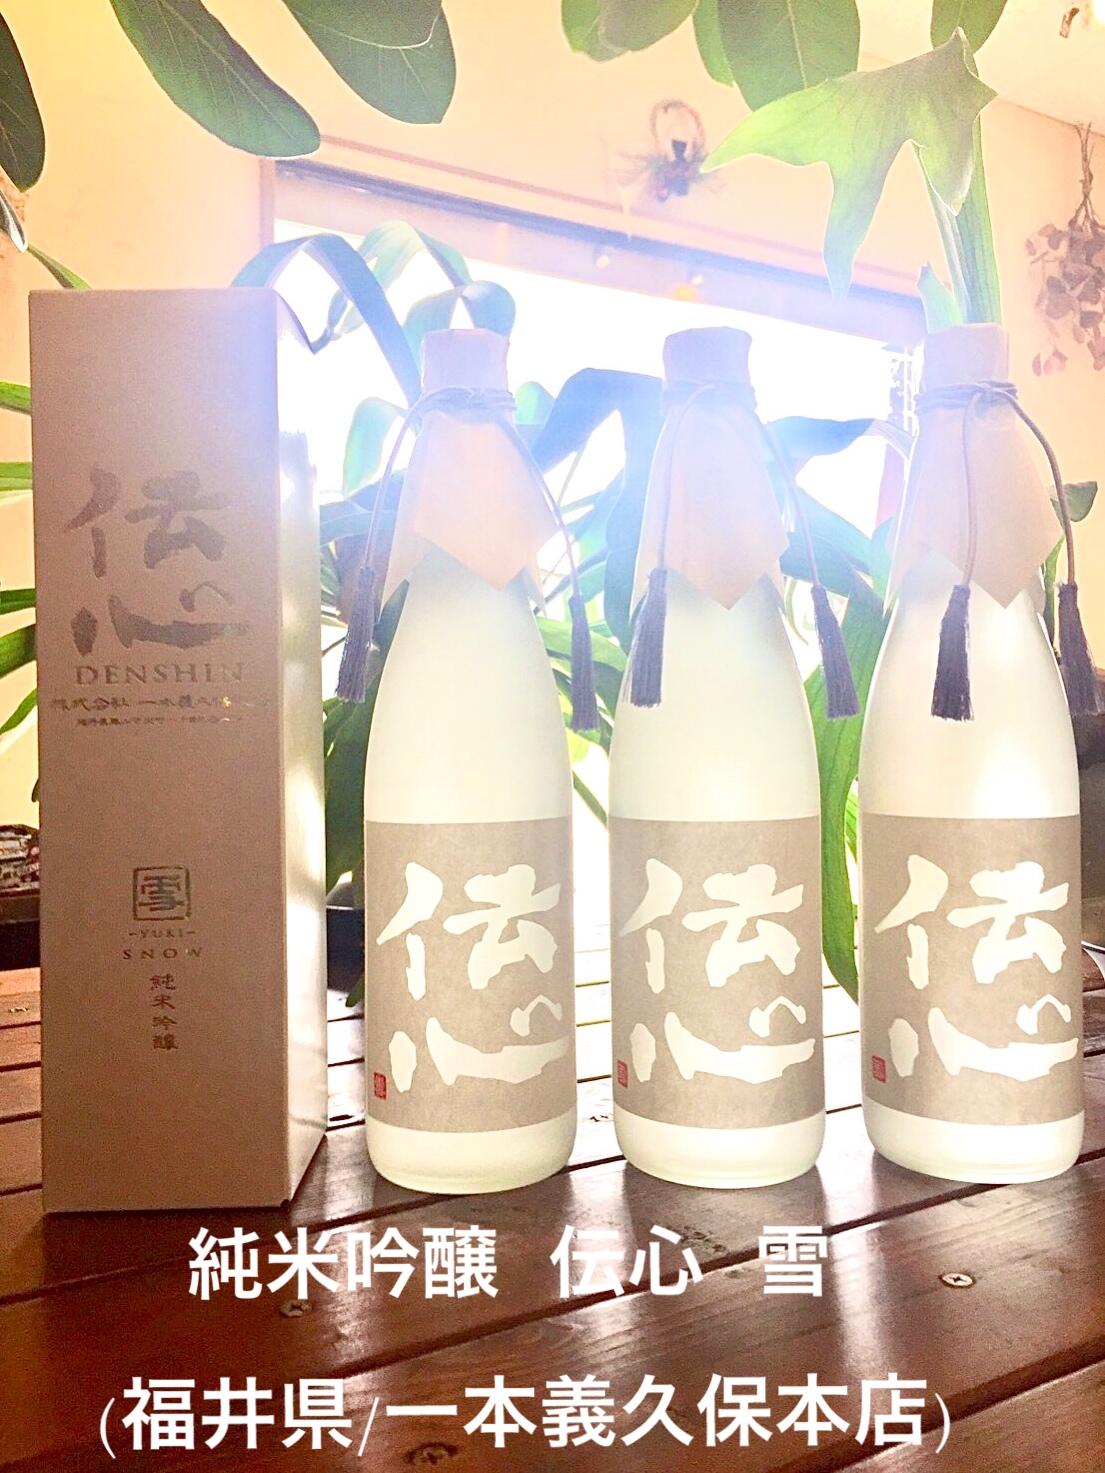 純米吟醸「伝心 雪」 (福井県/一本義久保本店)